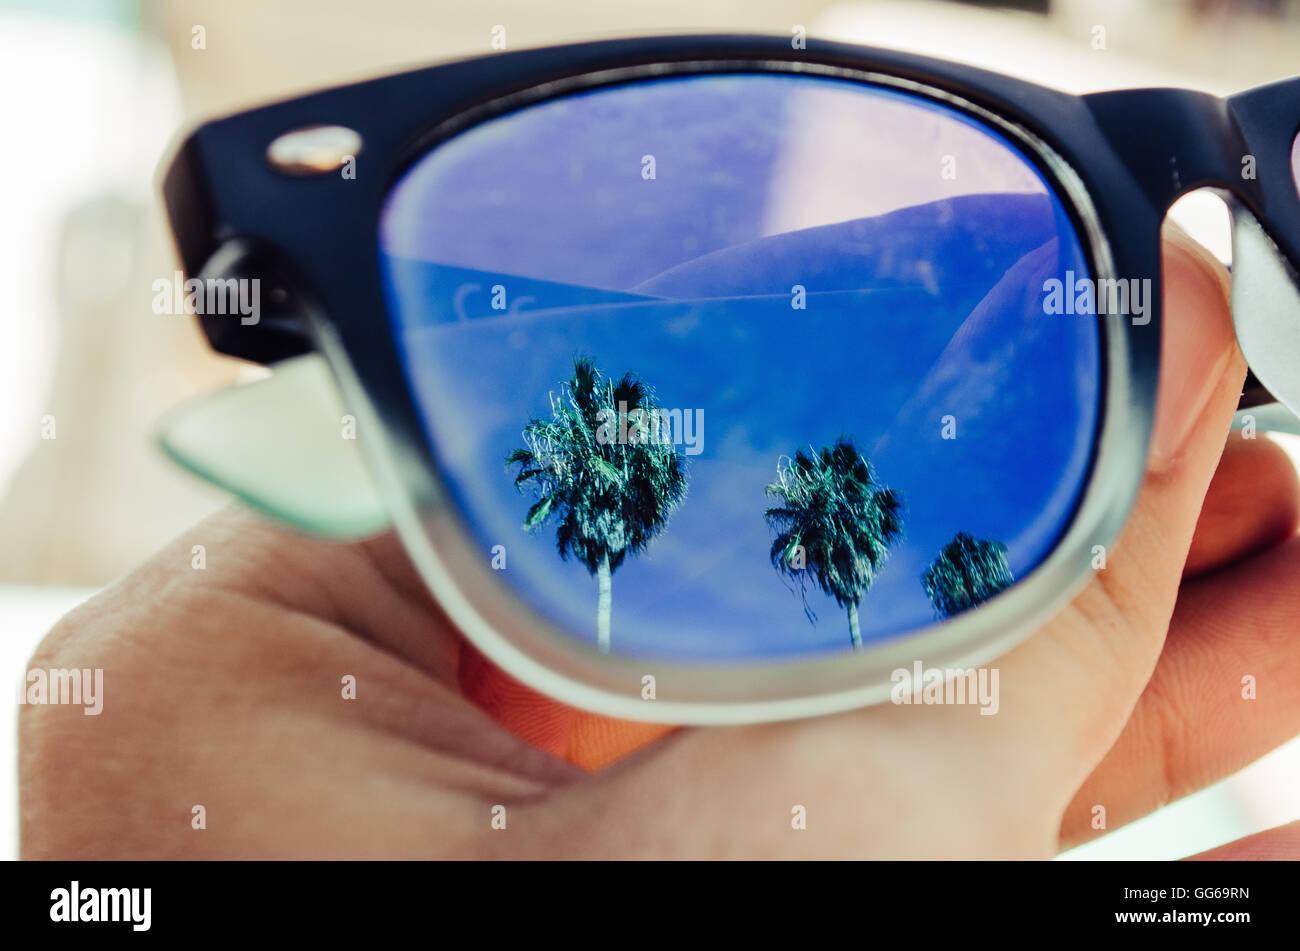 fcacdca3b8 Reflexión Sueños Gafas De Viajero Sol Sobre Concepto Foto Nn8Ov0ymwP